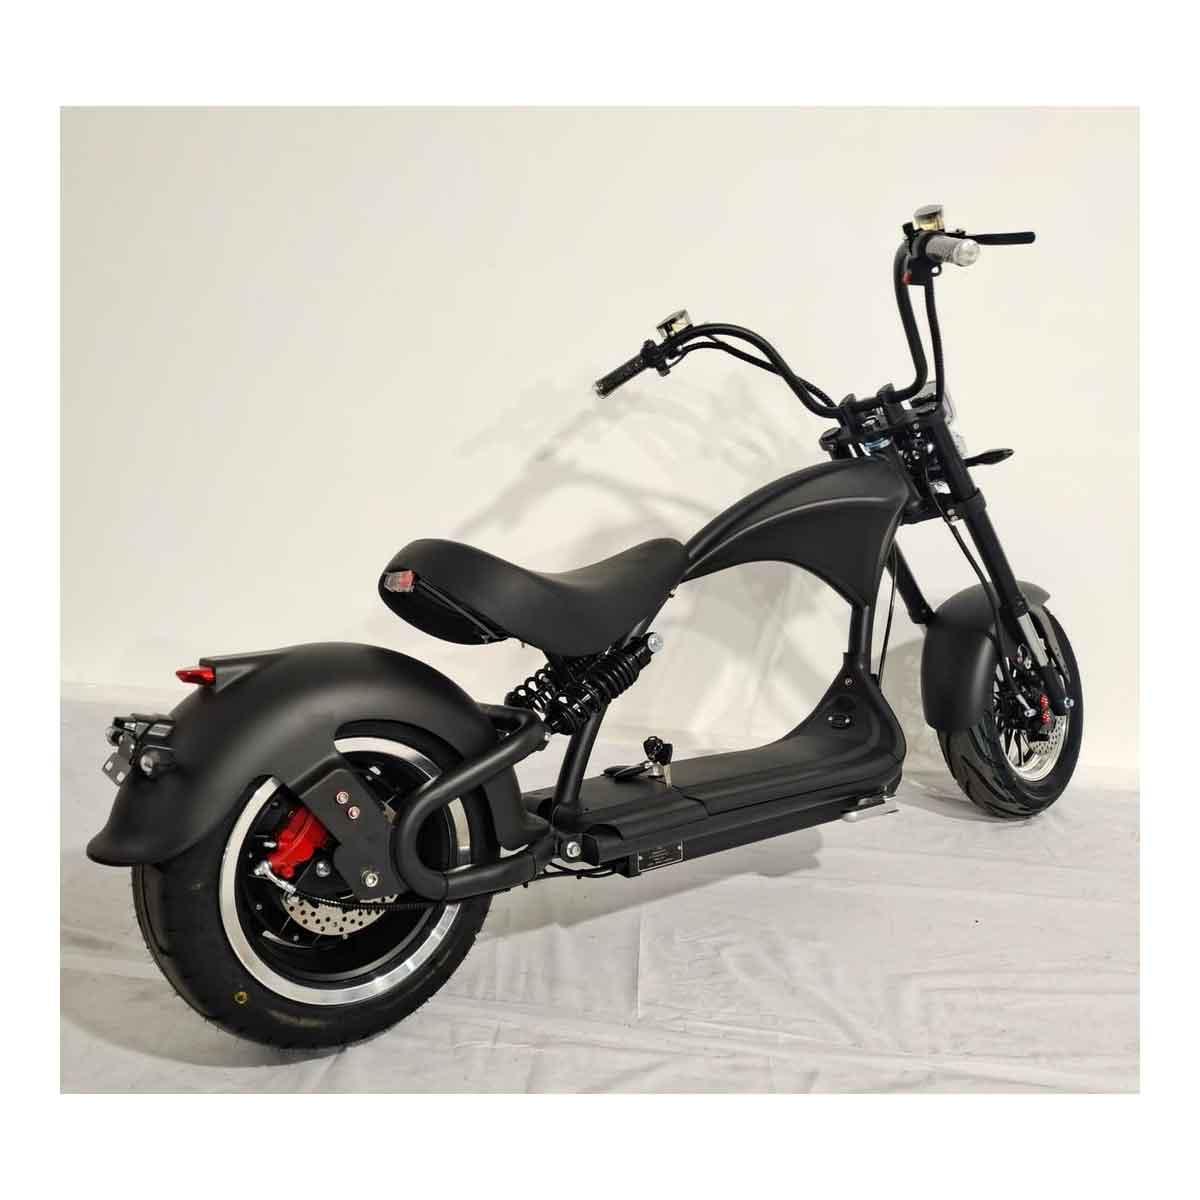 Elektromoped, Elektroroller, E-Roller, Elektrochopper C9 Mr. Harley Bild 1